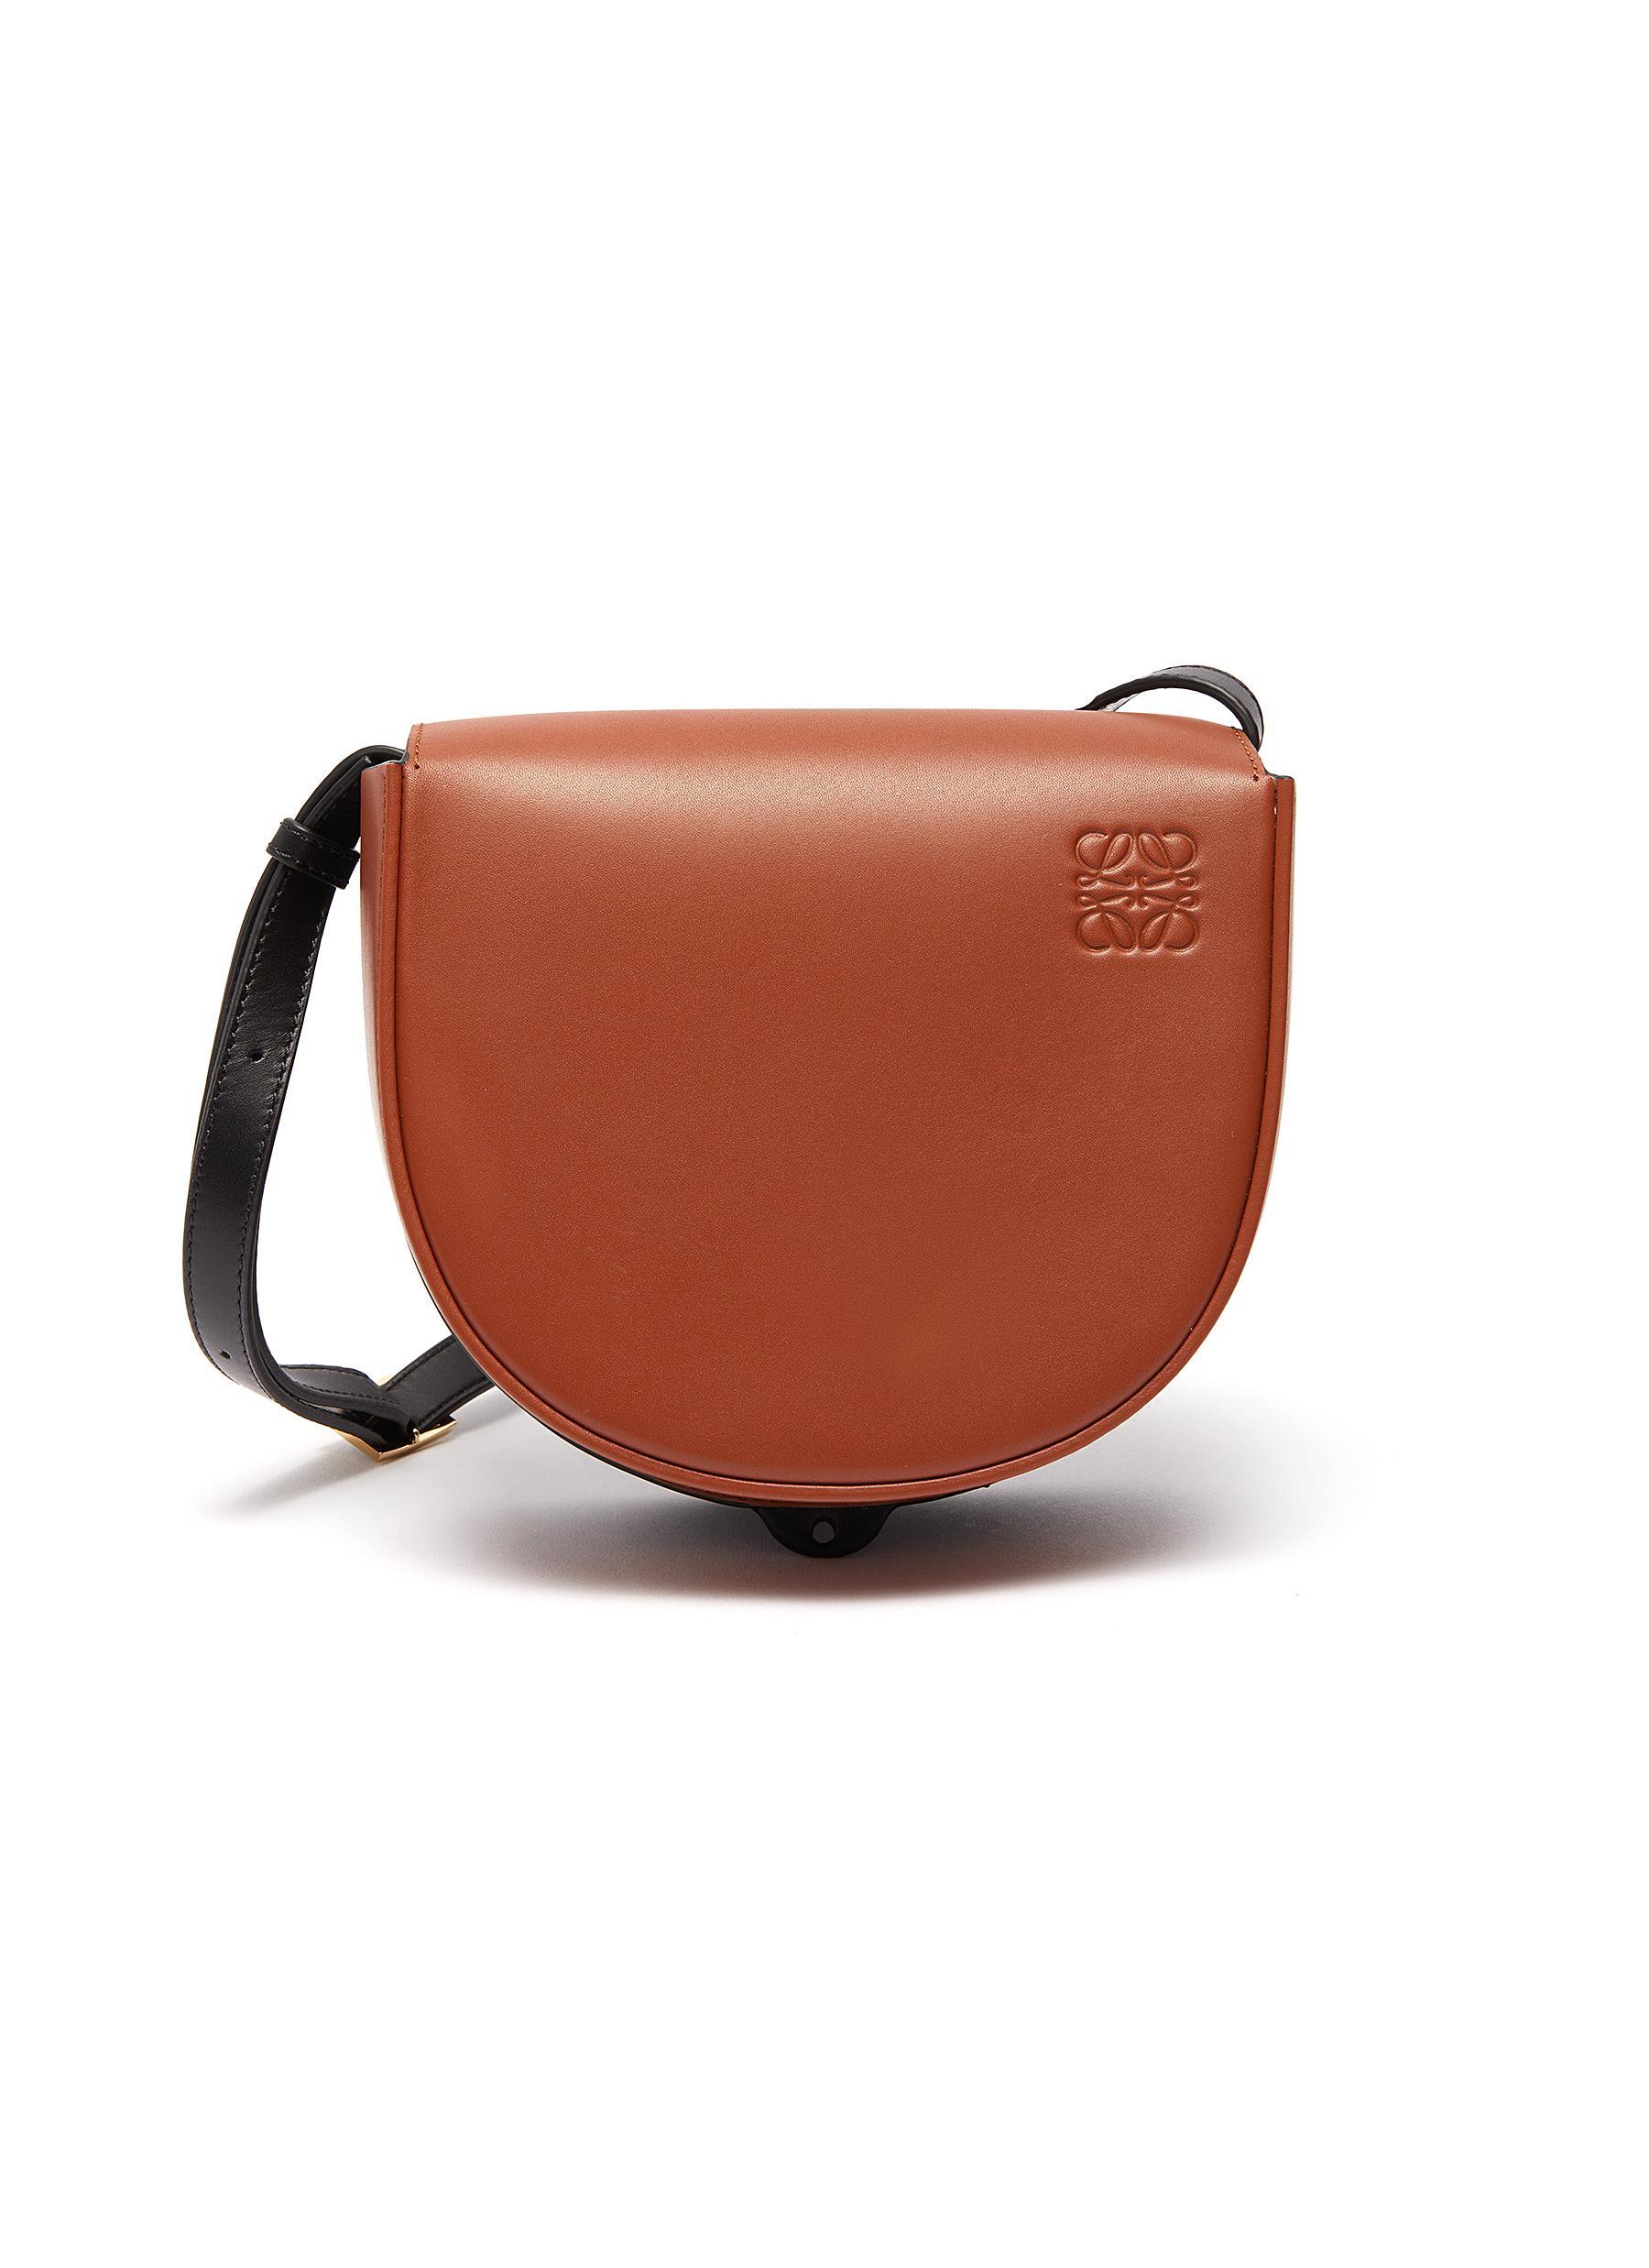 'Heel' leather bag